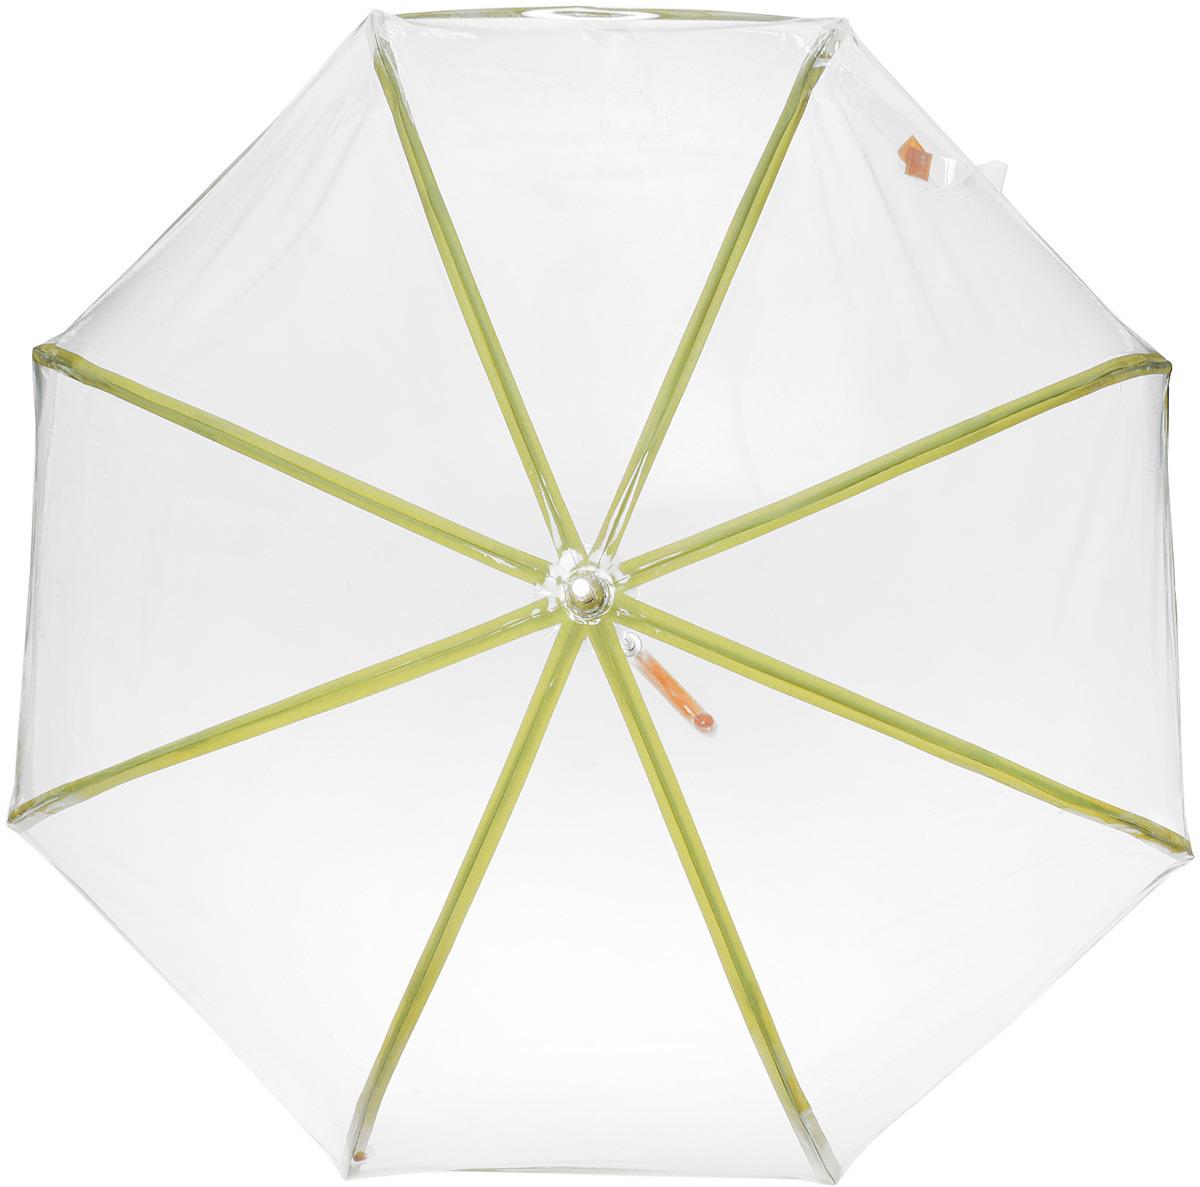 Зонт-трость женский M&P, полуавтомат, цвет: зеленый. 4880-3 зонты